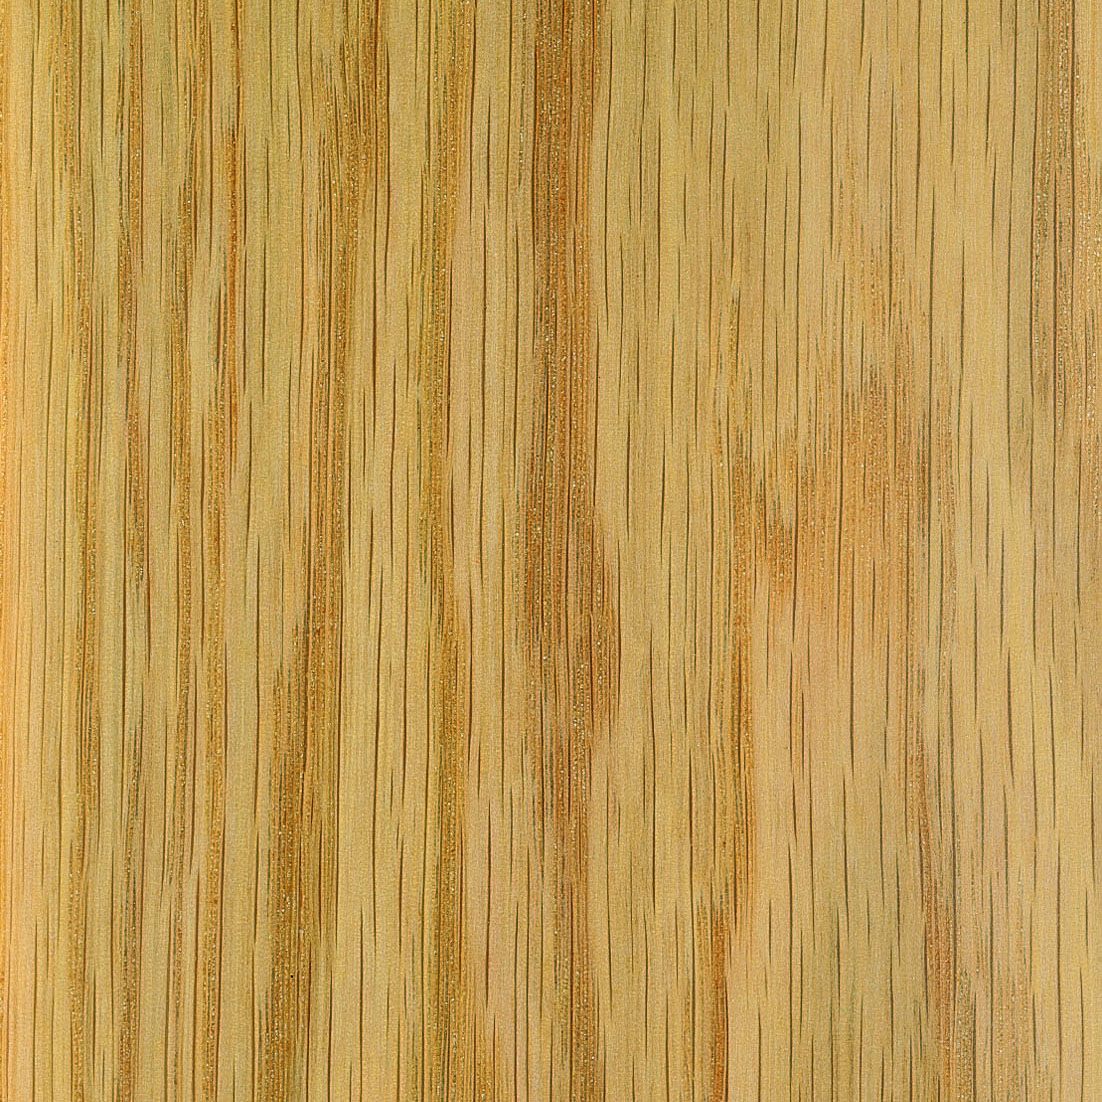 Cantonera mdf y chapa natural bricoteo puertas granada for Puertas madera natural